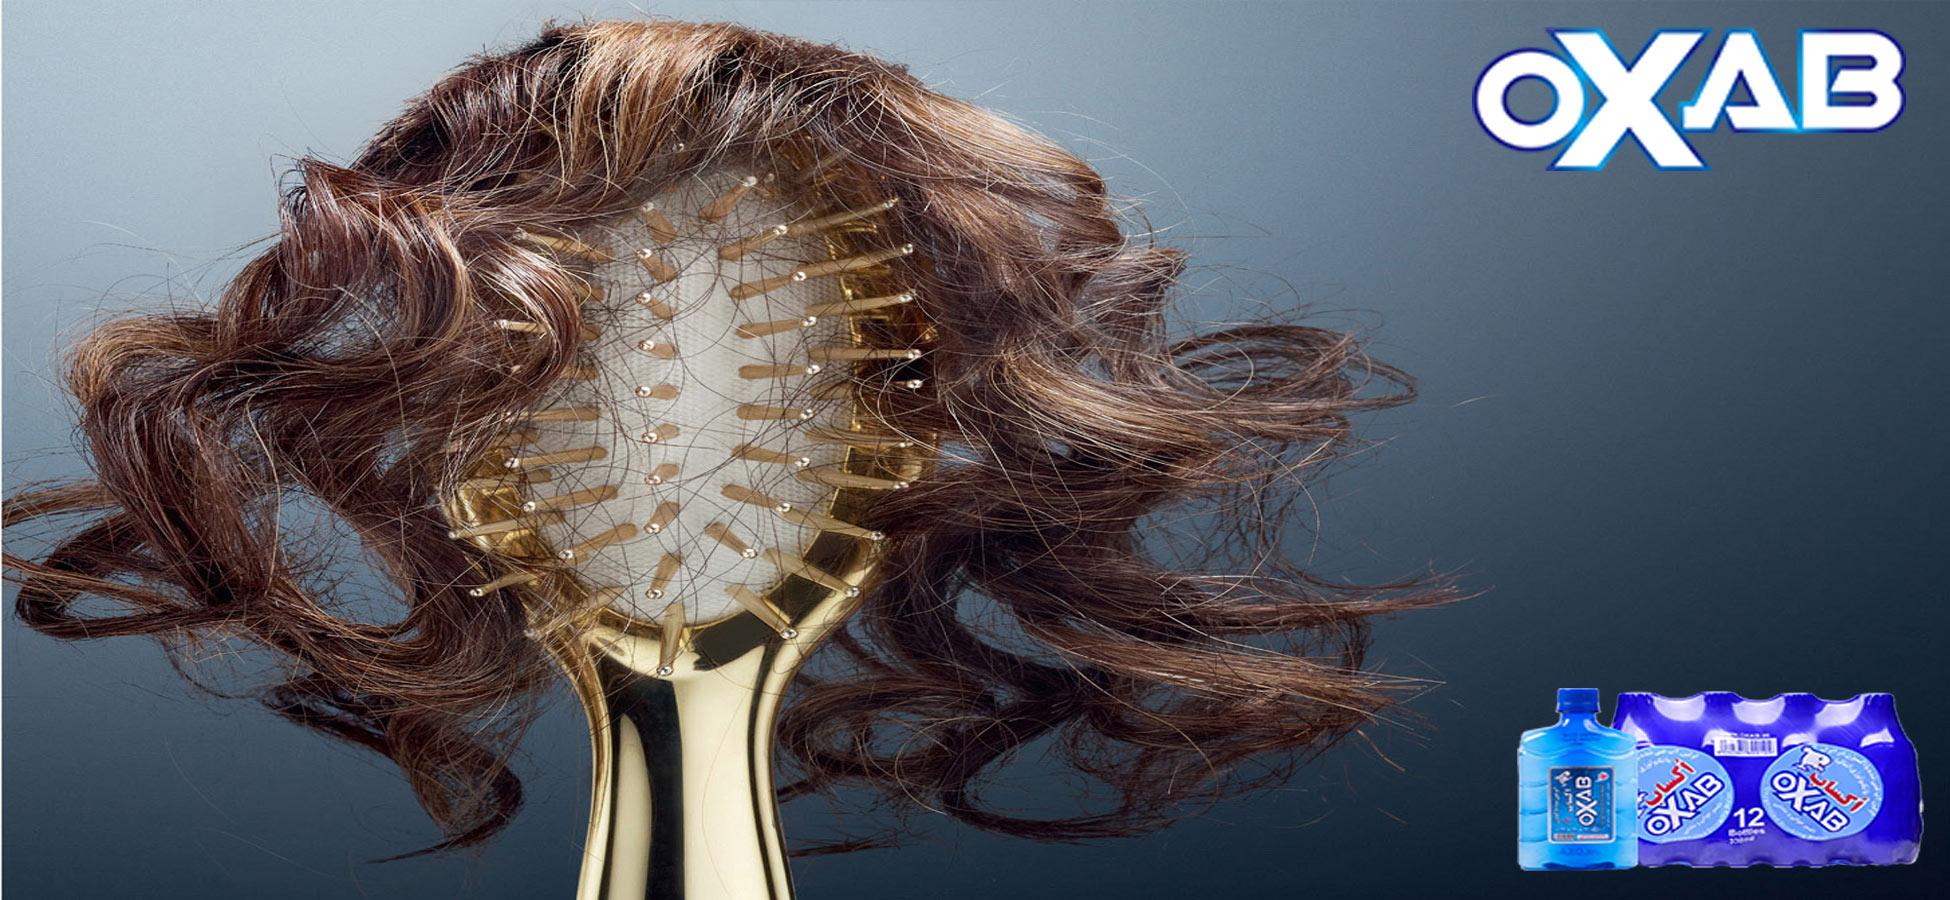 درمان ریزش مو با نوشیدن آب آشامیدنی